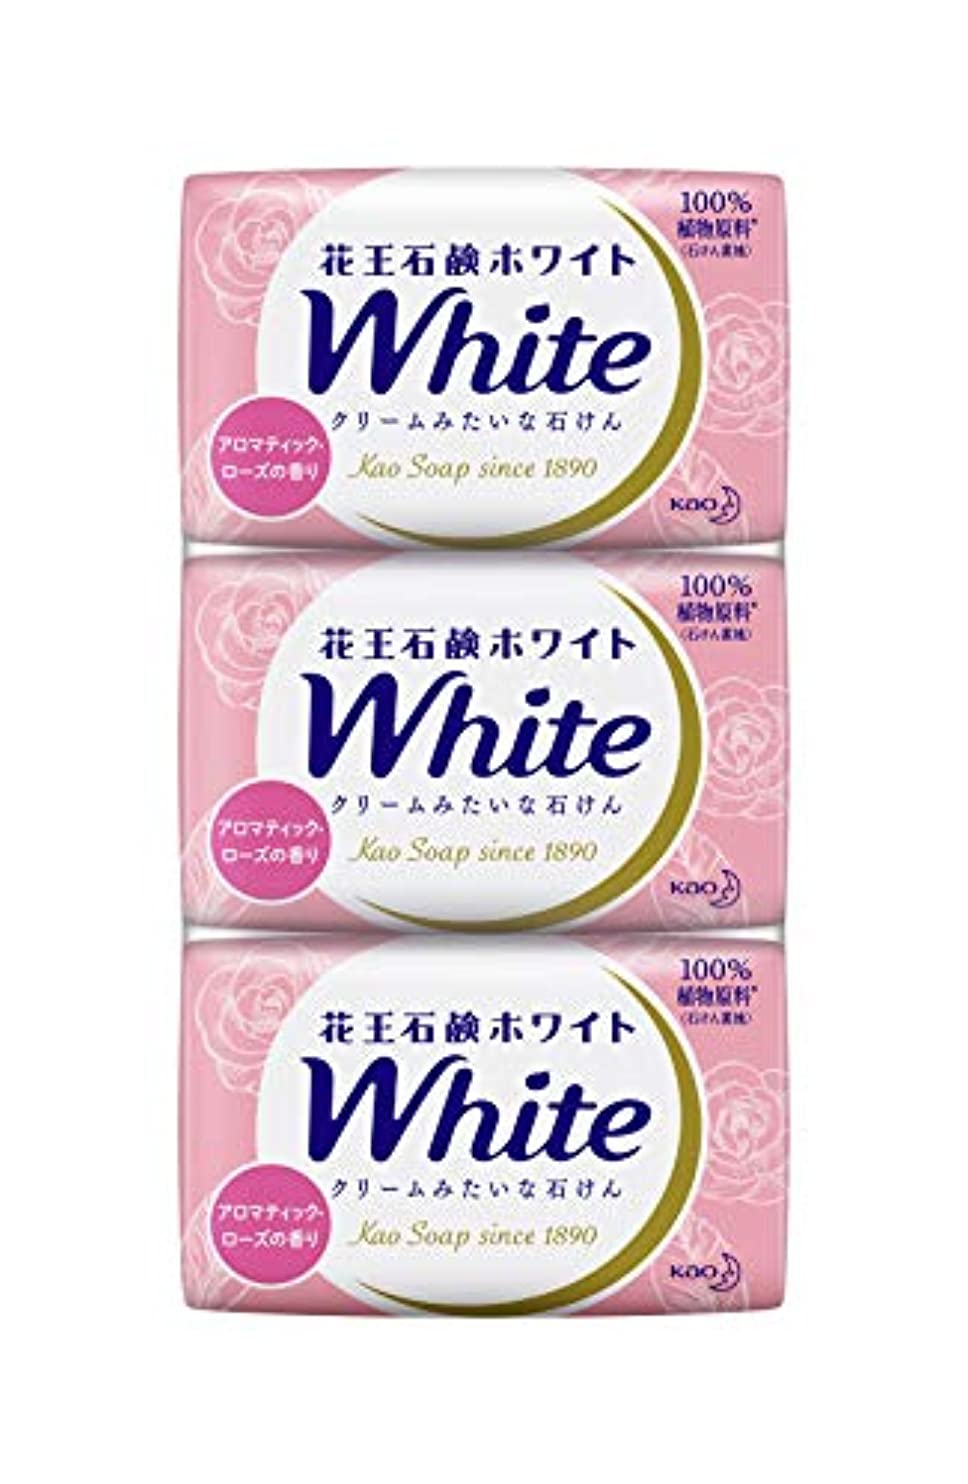 電圧雪だるまを作る不規則性花王ホワイト アロマティックローズの香り レギュラーサイズ3コ